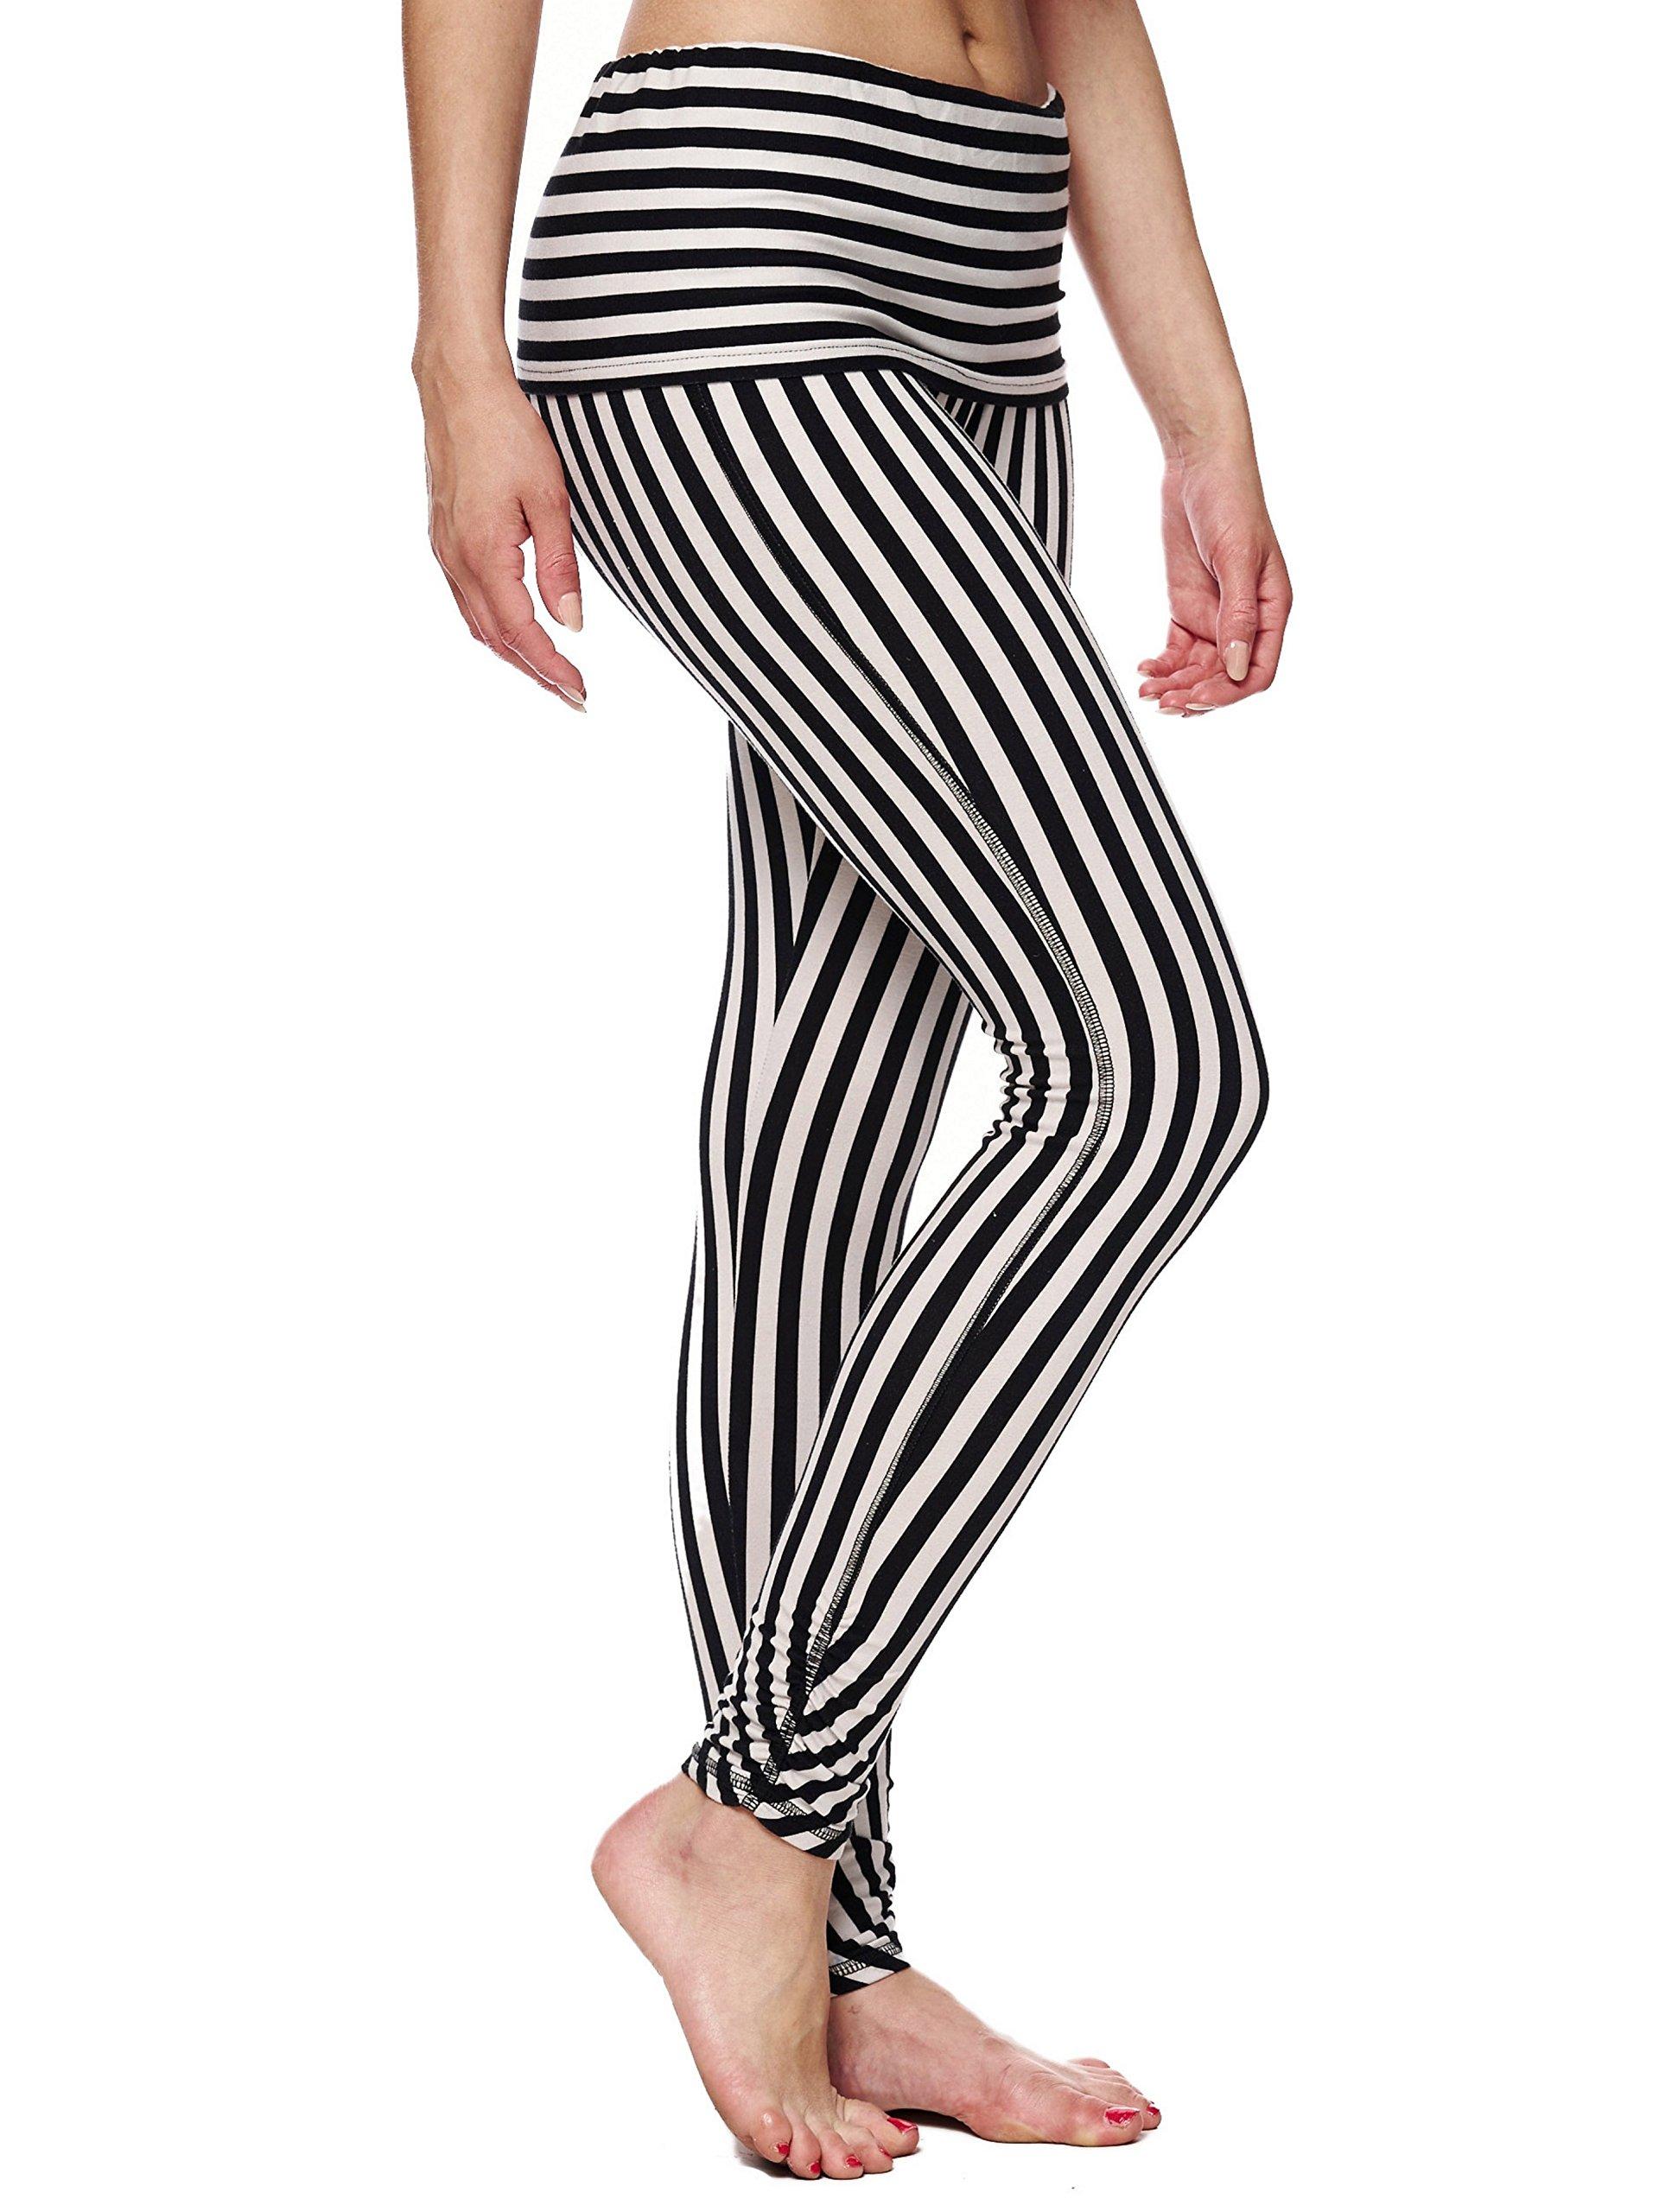 bioshirt Company Mujer Fitness Deporte de pantalones de yoga ...